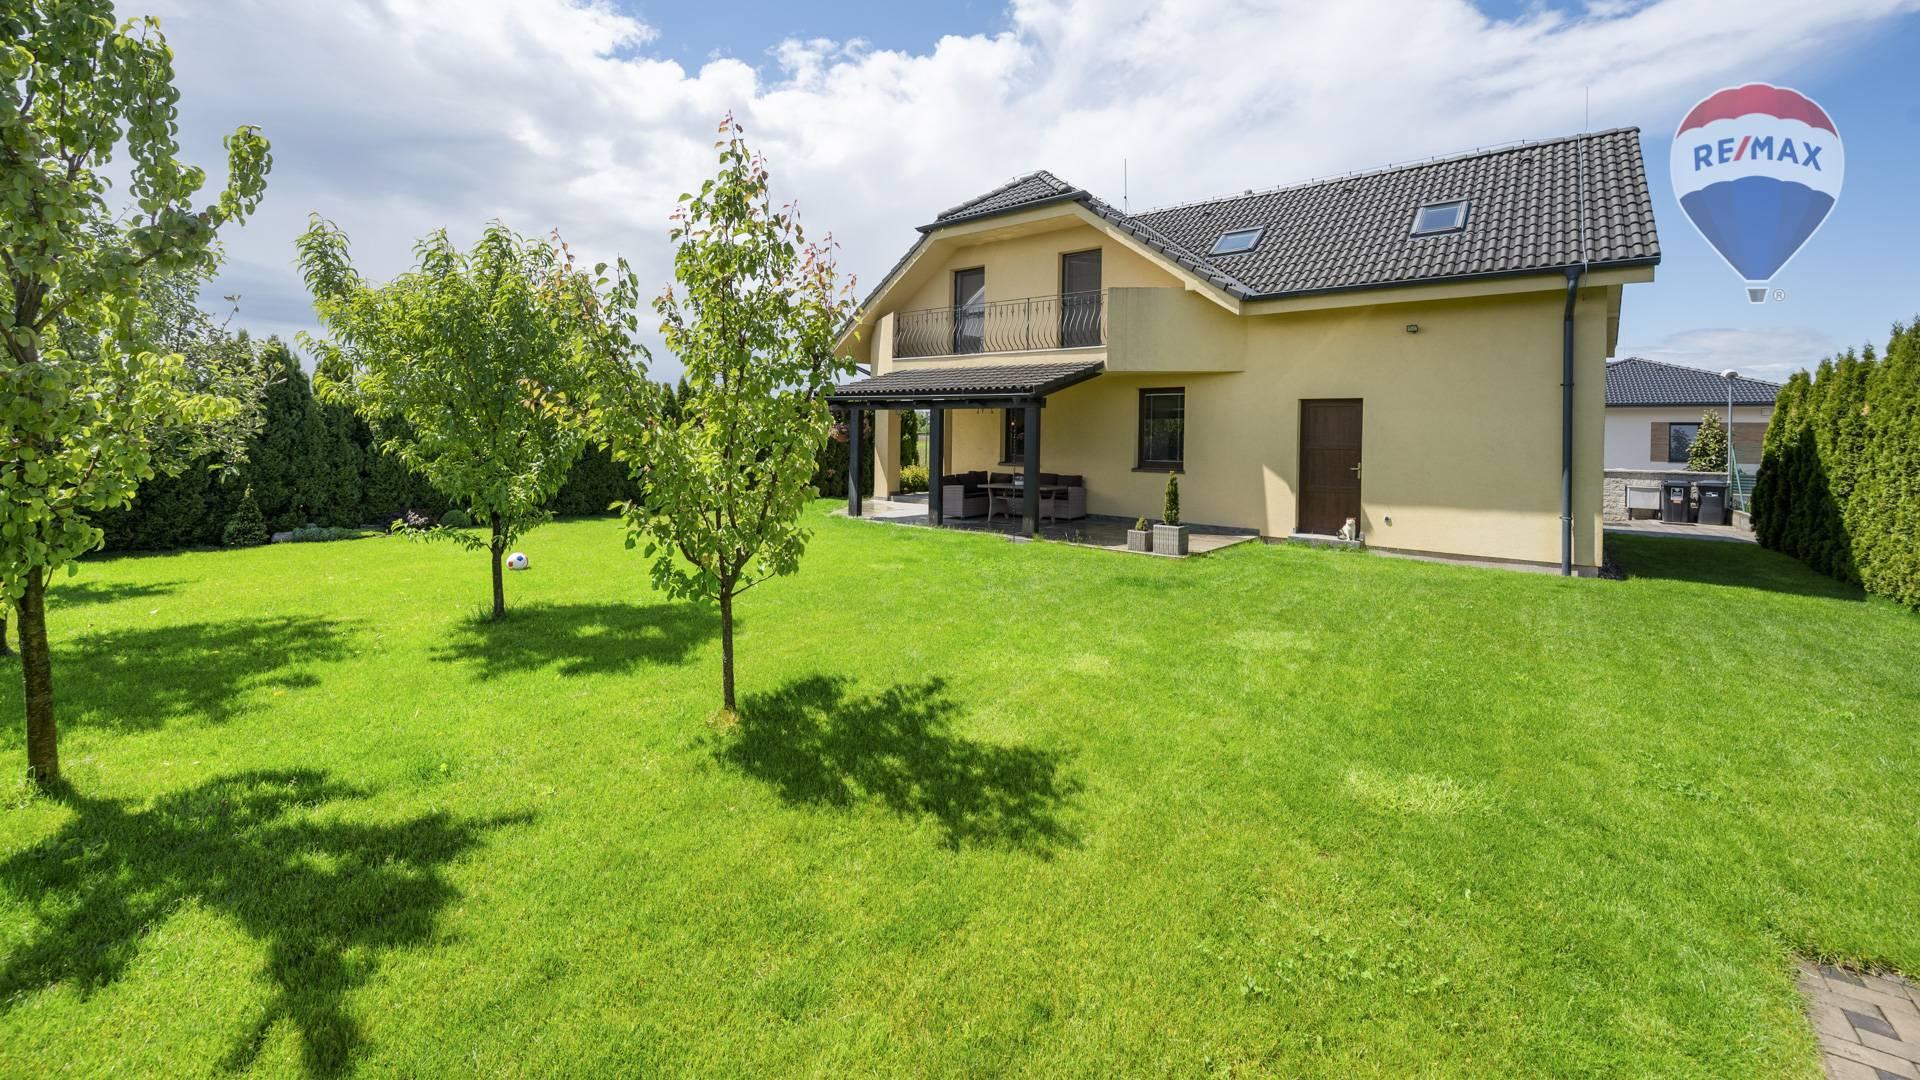 Predaj domu 158 m2, Tomášov